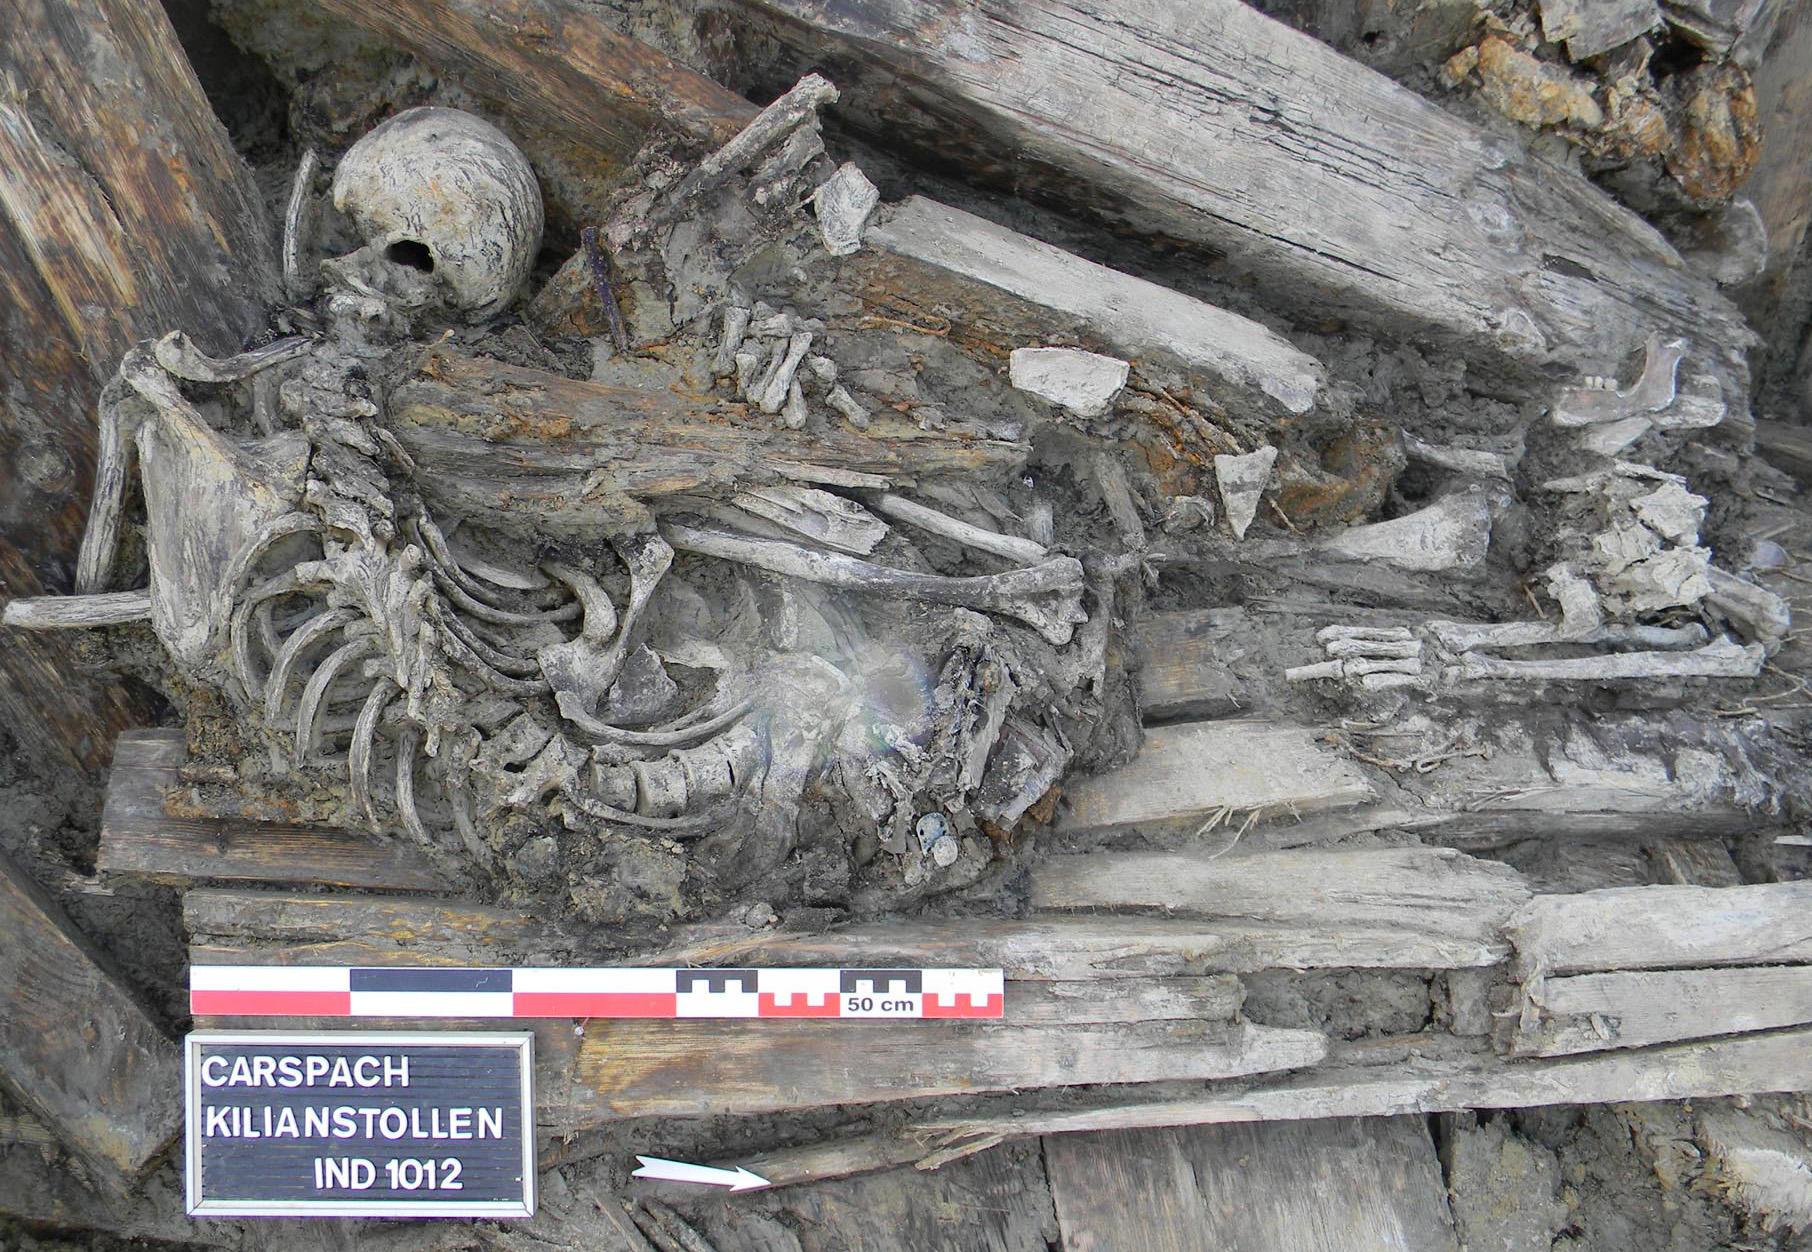 Squelette d'un soldat retrouvé dans le Kilianstollen.